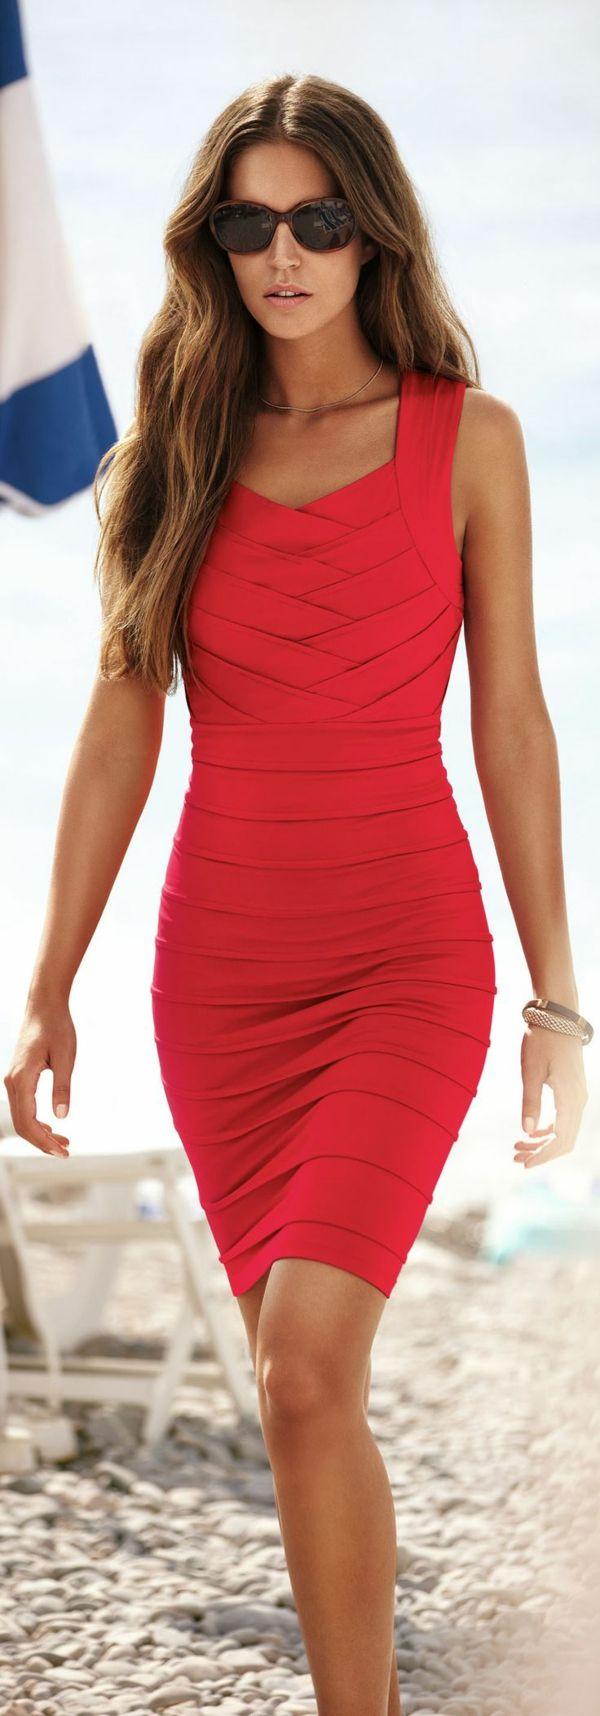 Rotes Kleid kaufen: welche Frauen tragen gern Rot?  Legere